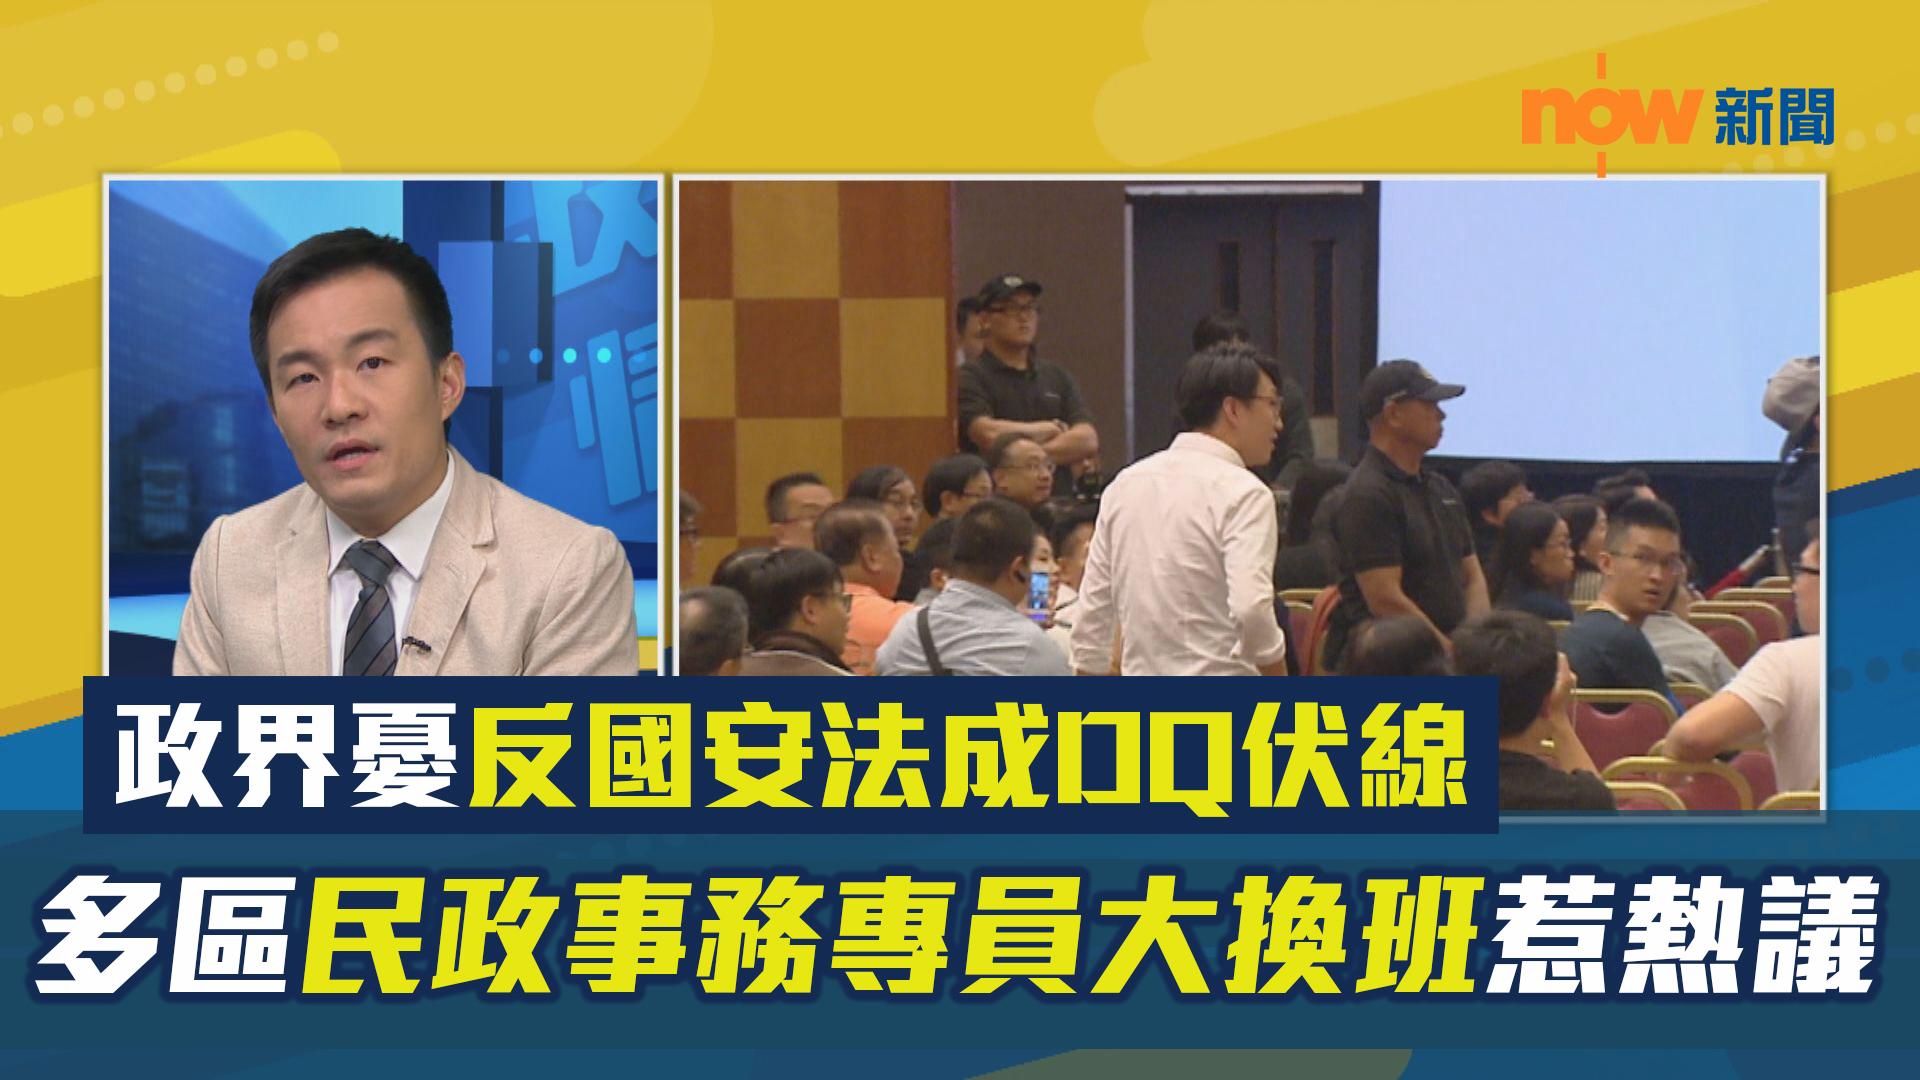 【政情】政界憂反國安法成DQ伏線 多區民政事務專員大換班惹熱議